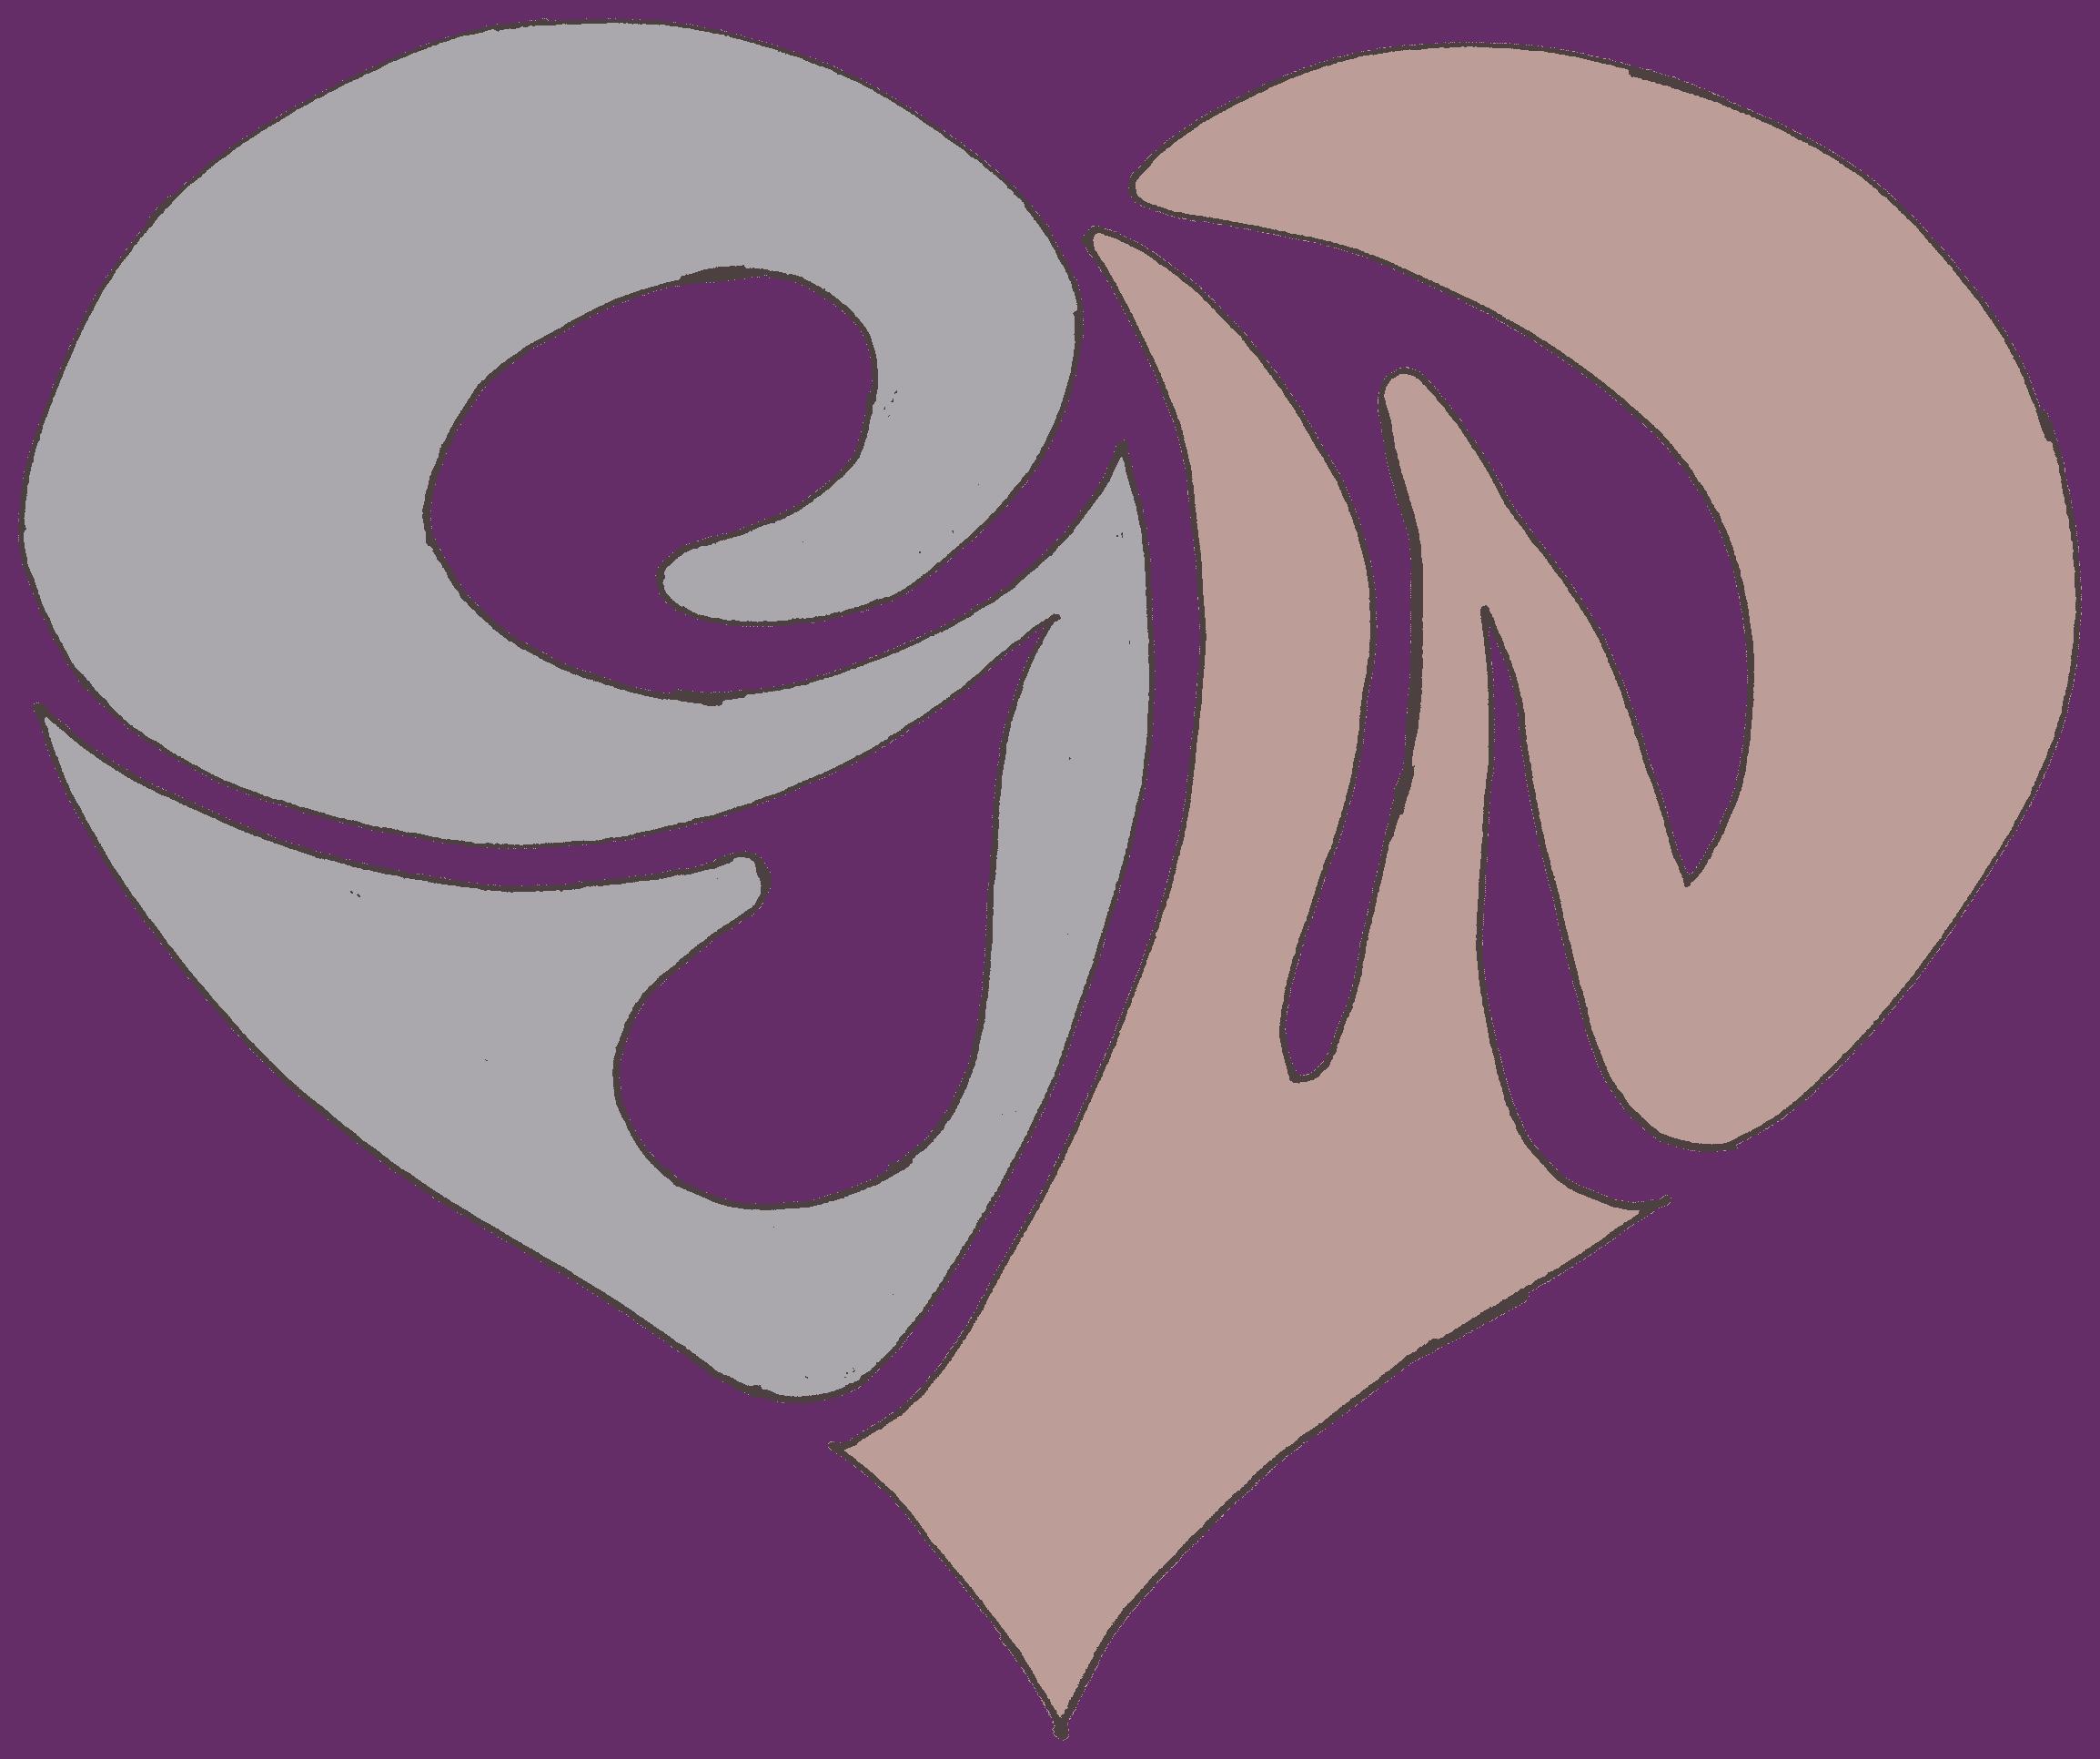 SW Heart